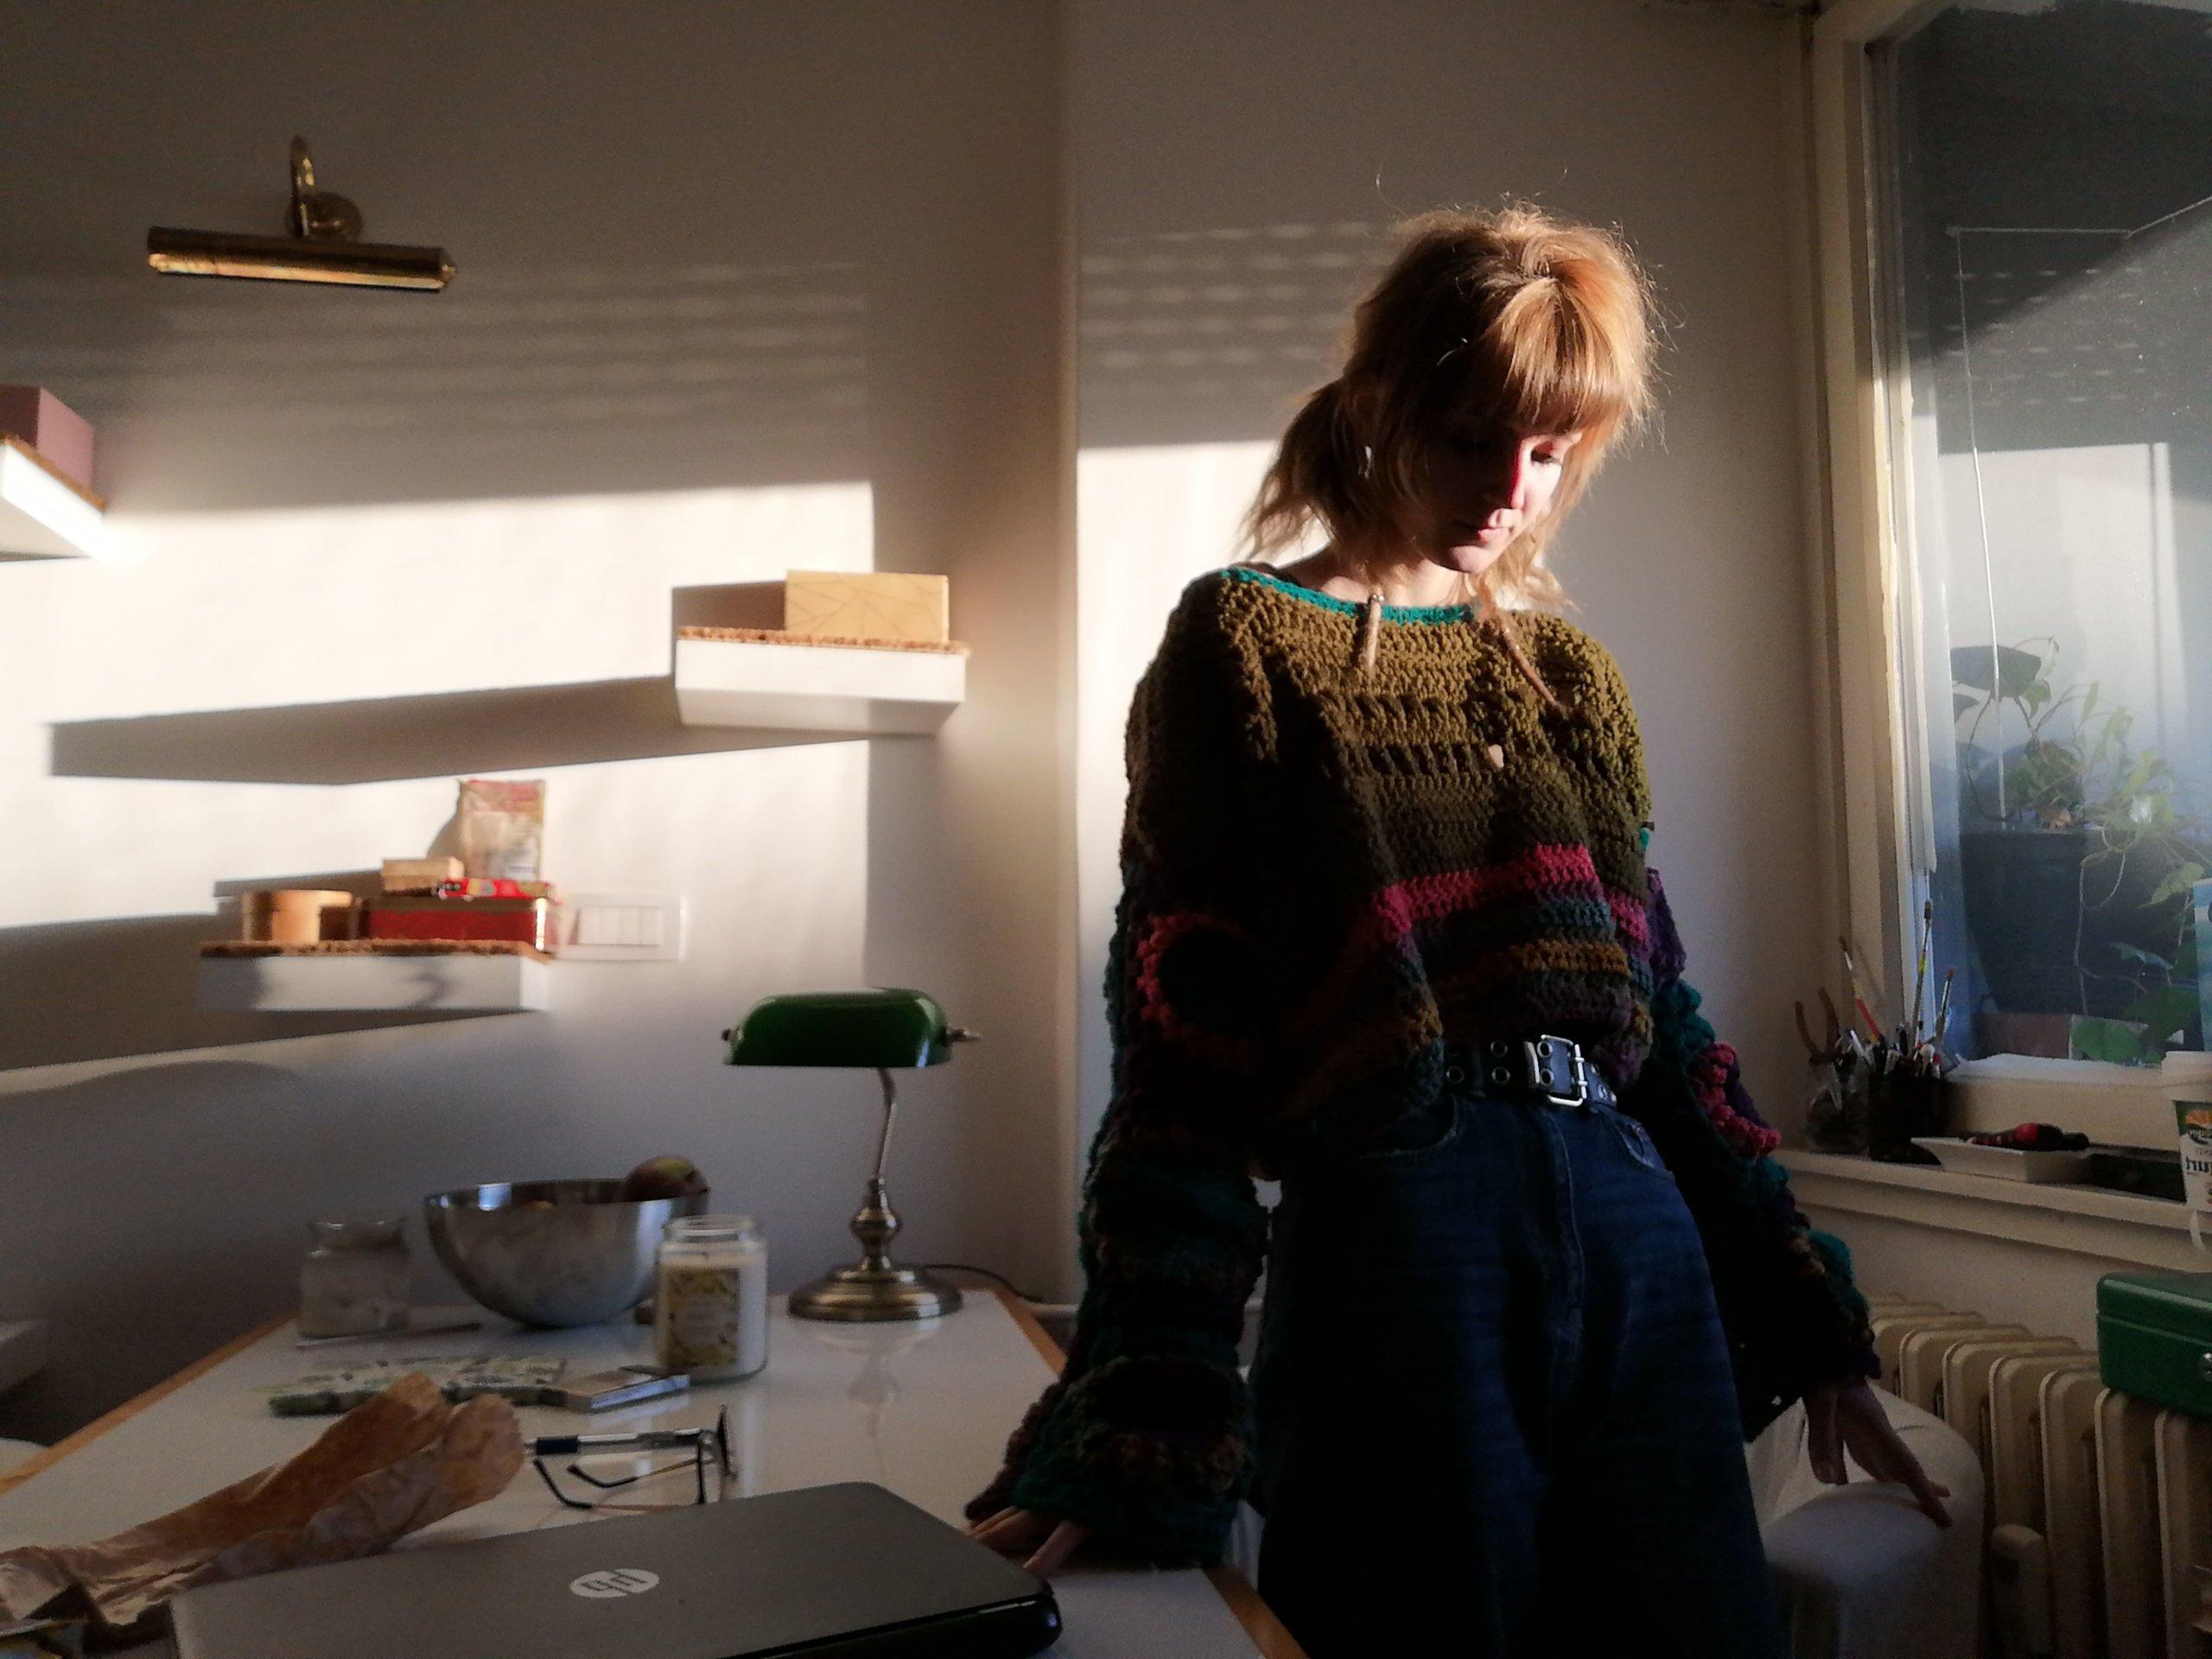 Tek joj je 20, a bavi se heklanjem: 'Nema boljeg osjećaja nego kad odjeneš svojih ruku djelo'